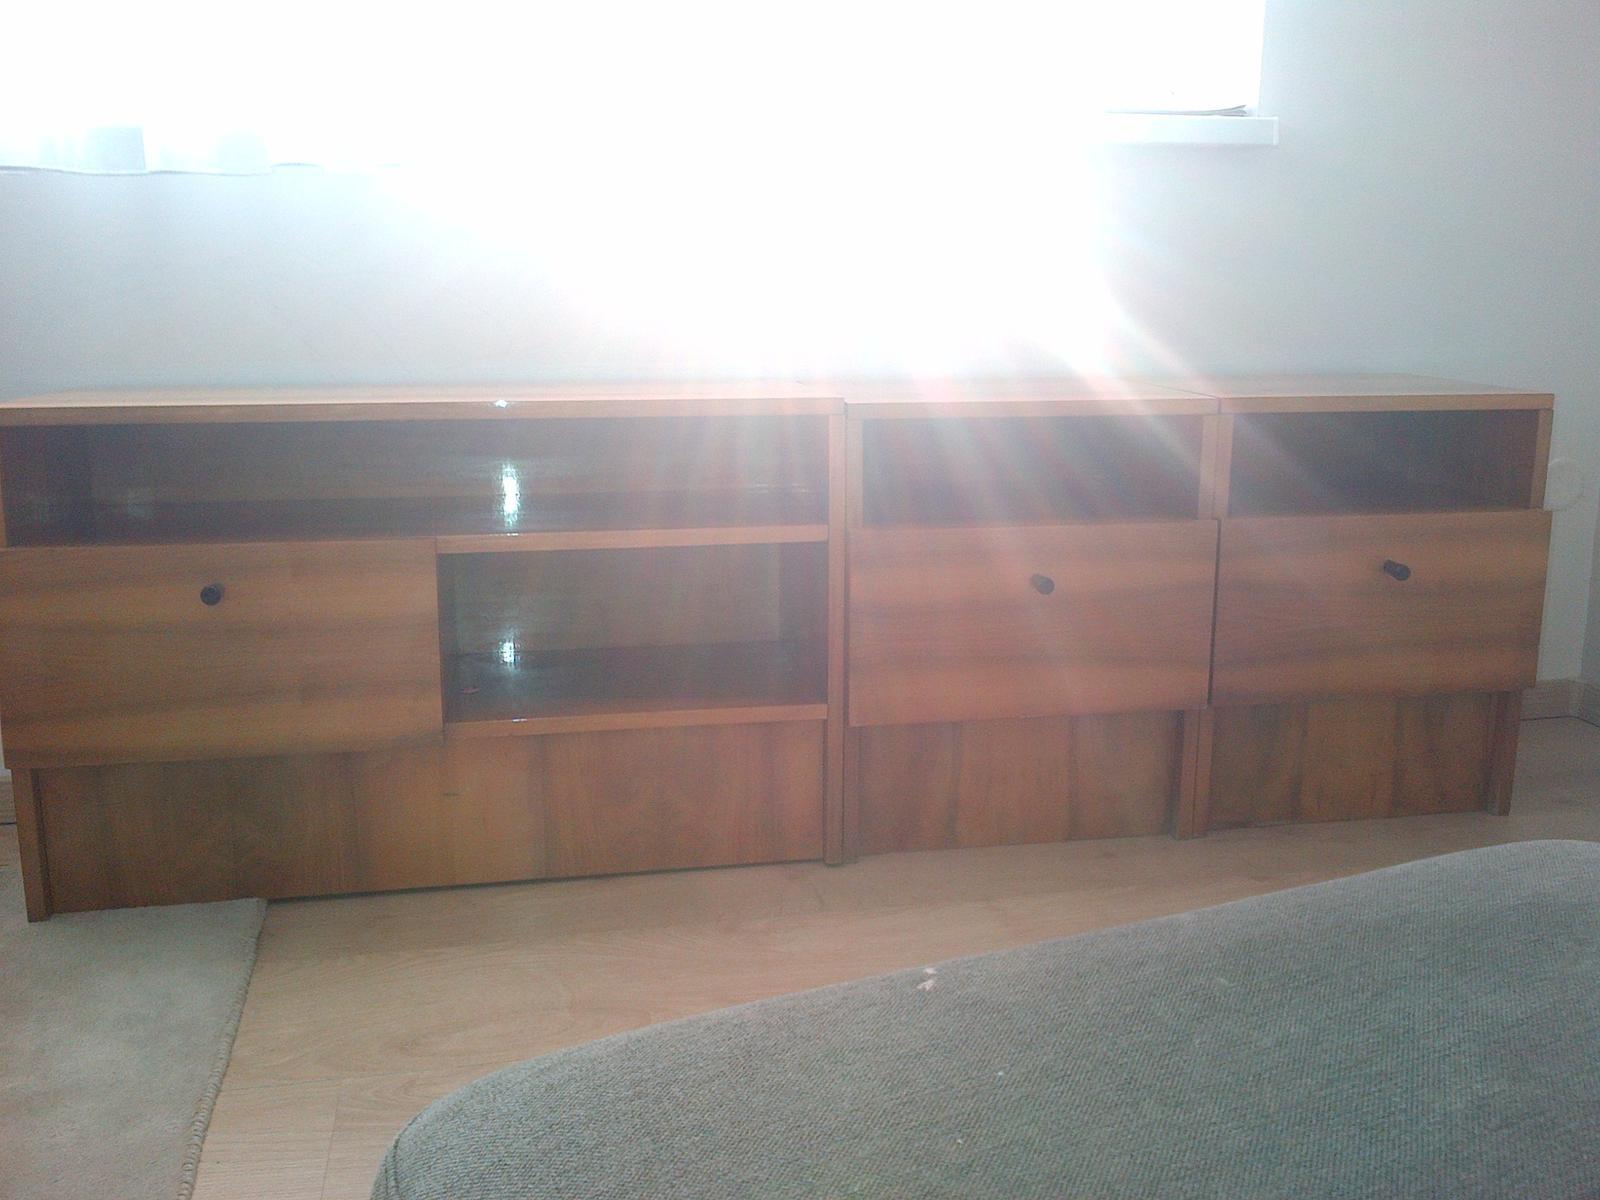 skrinka a nočné stolíky - Obrázok č. 2